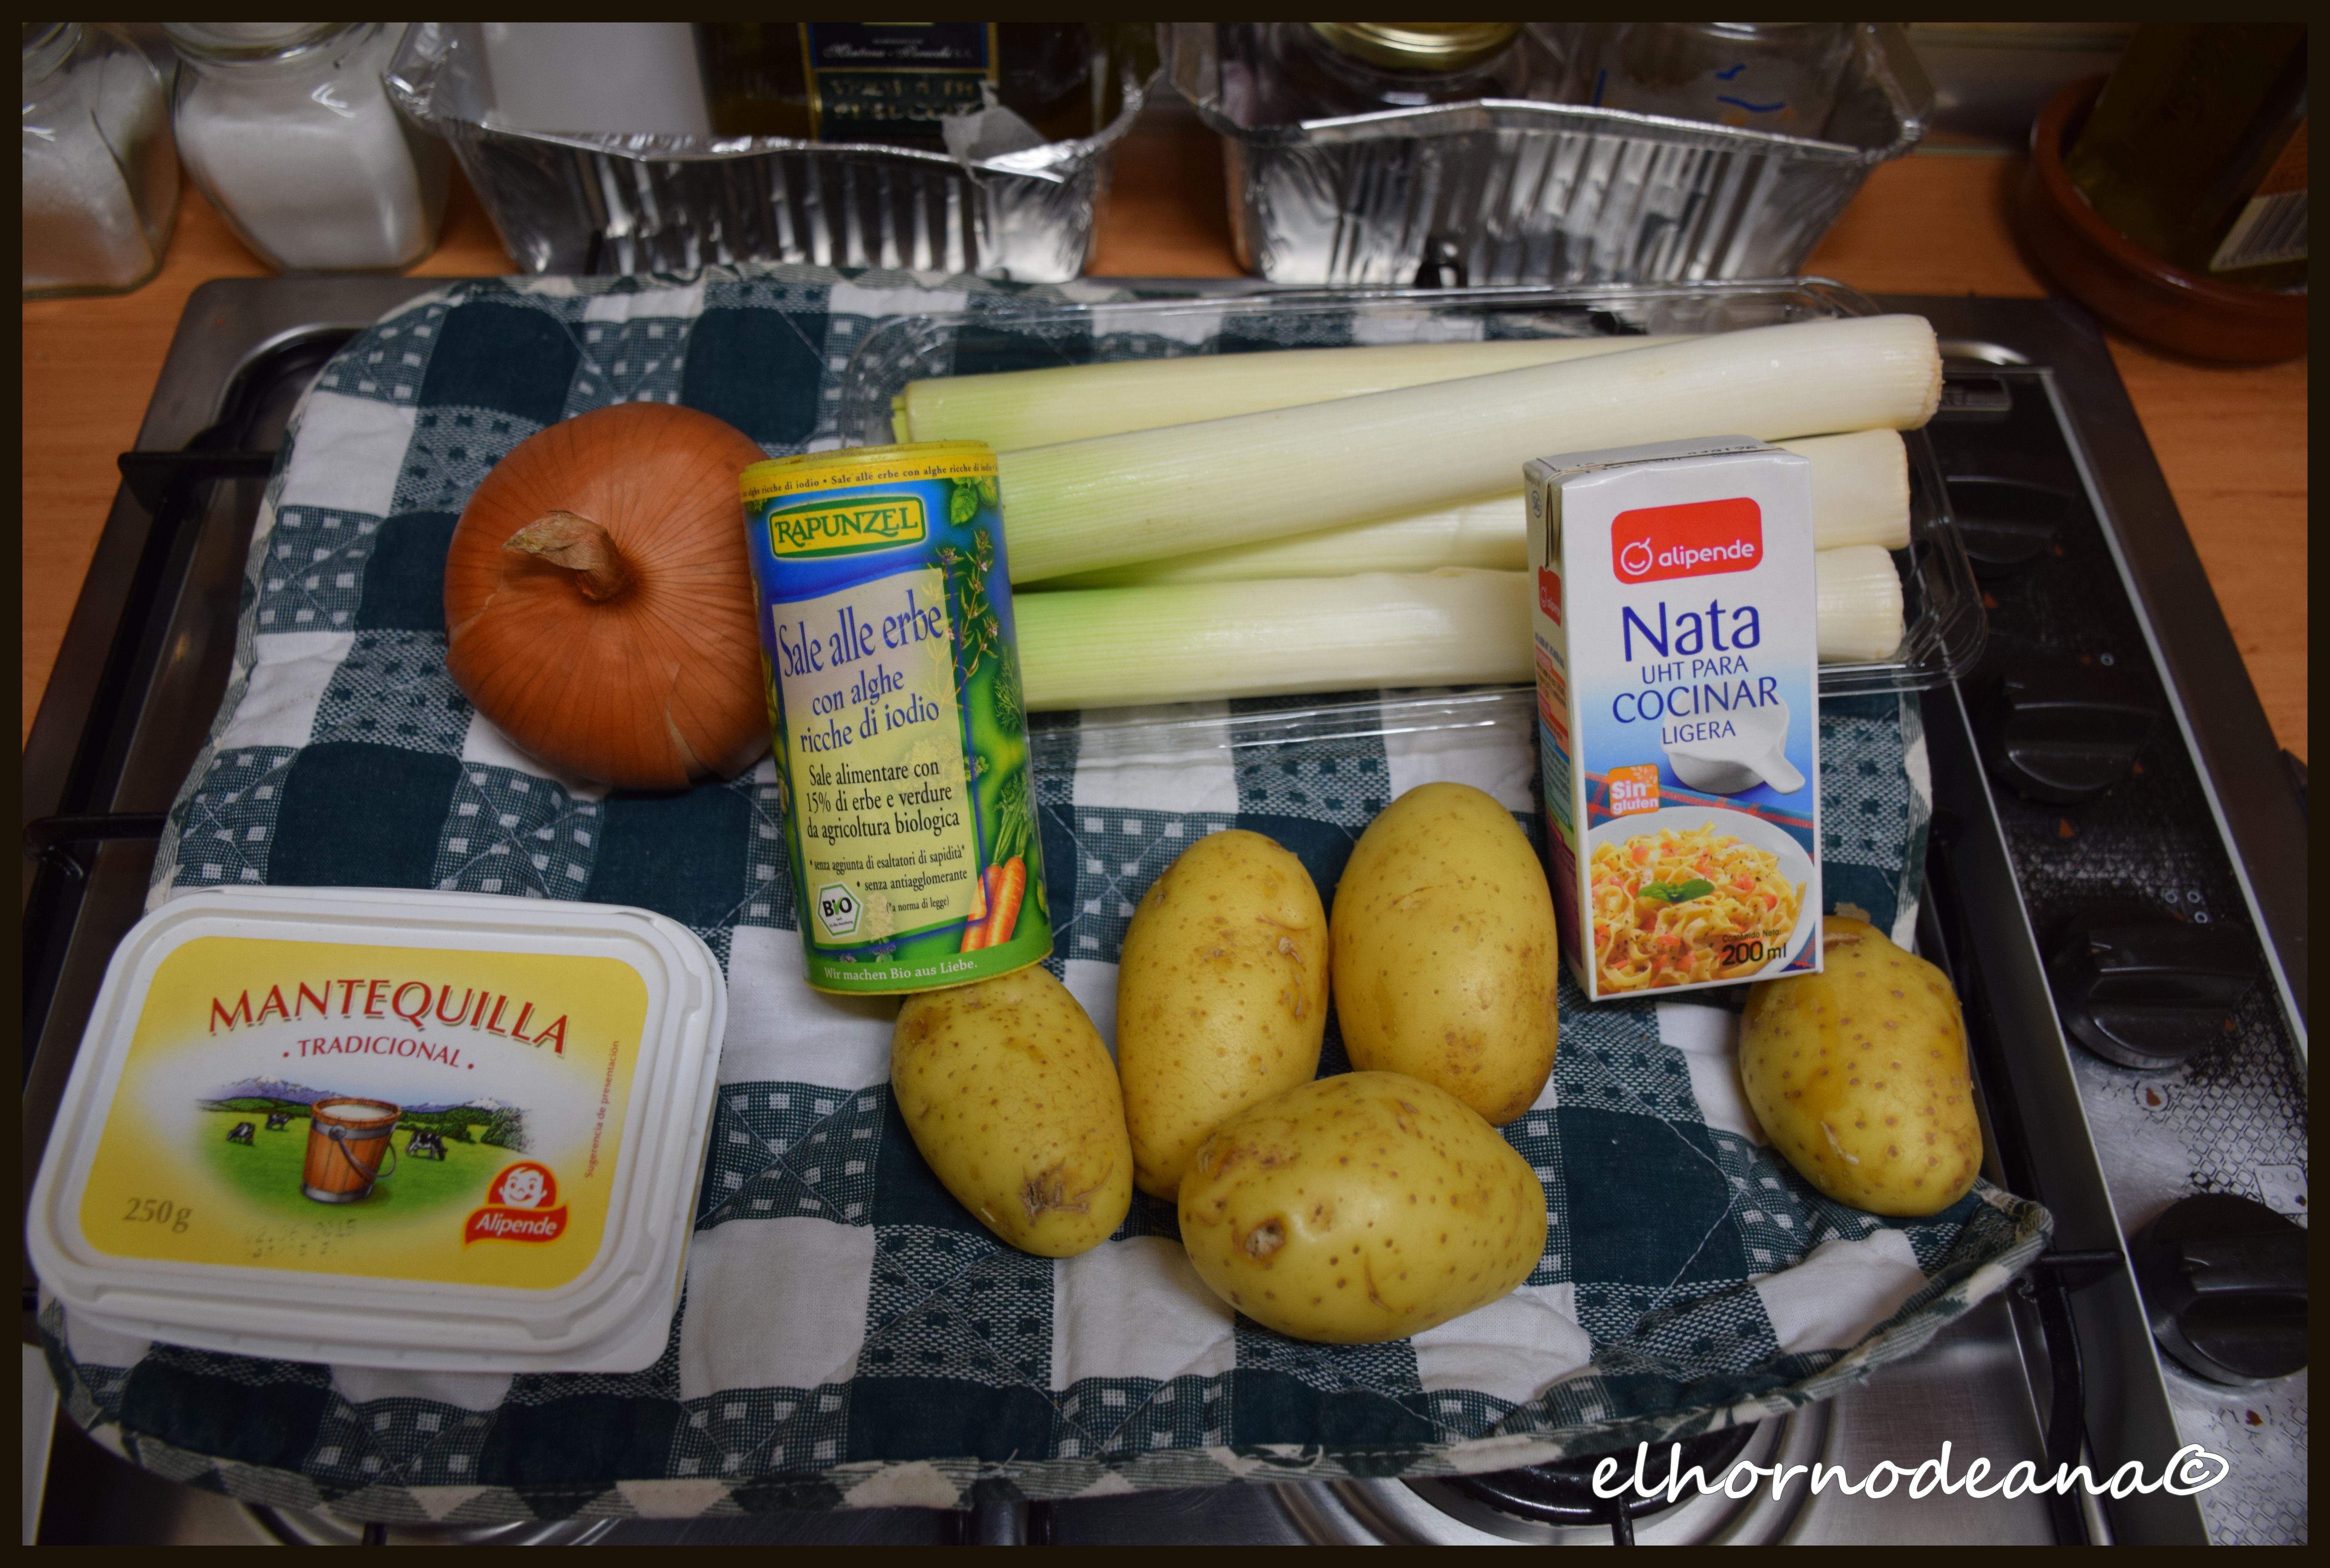 Mi crema veraniega preferida y que el samorejo gazpacho - Como hacer nata para cocinar ...